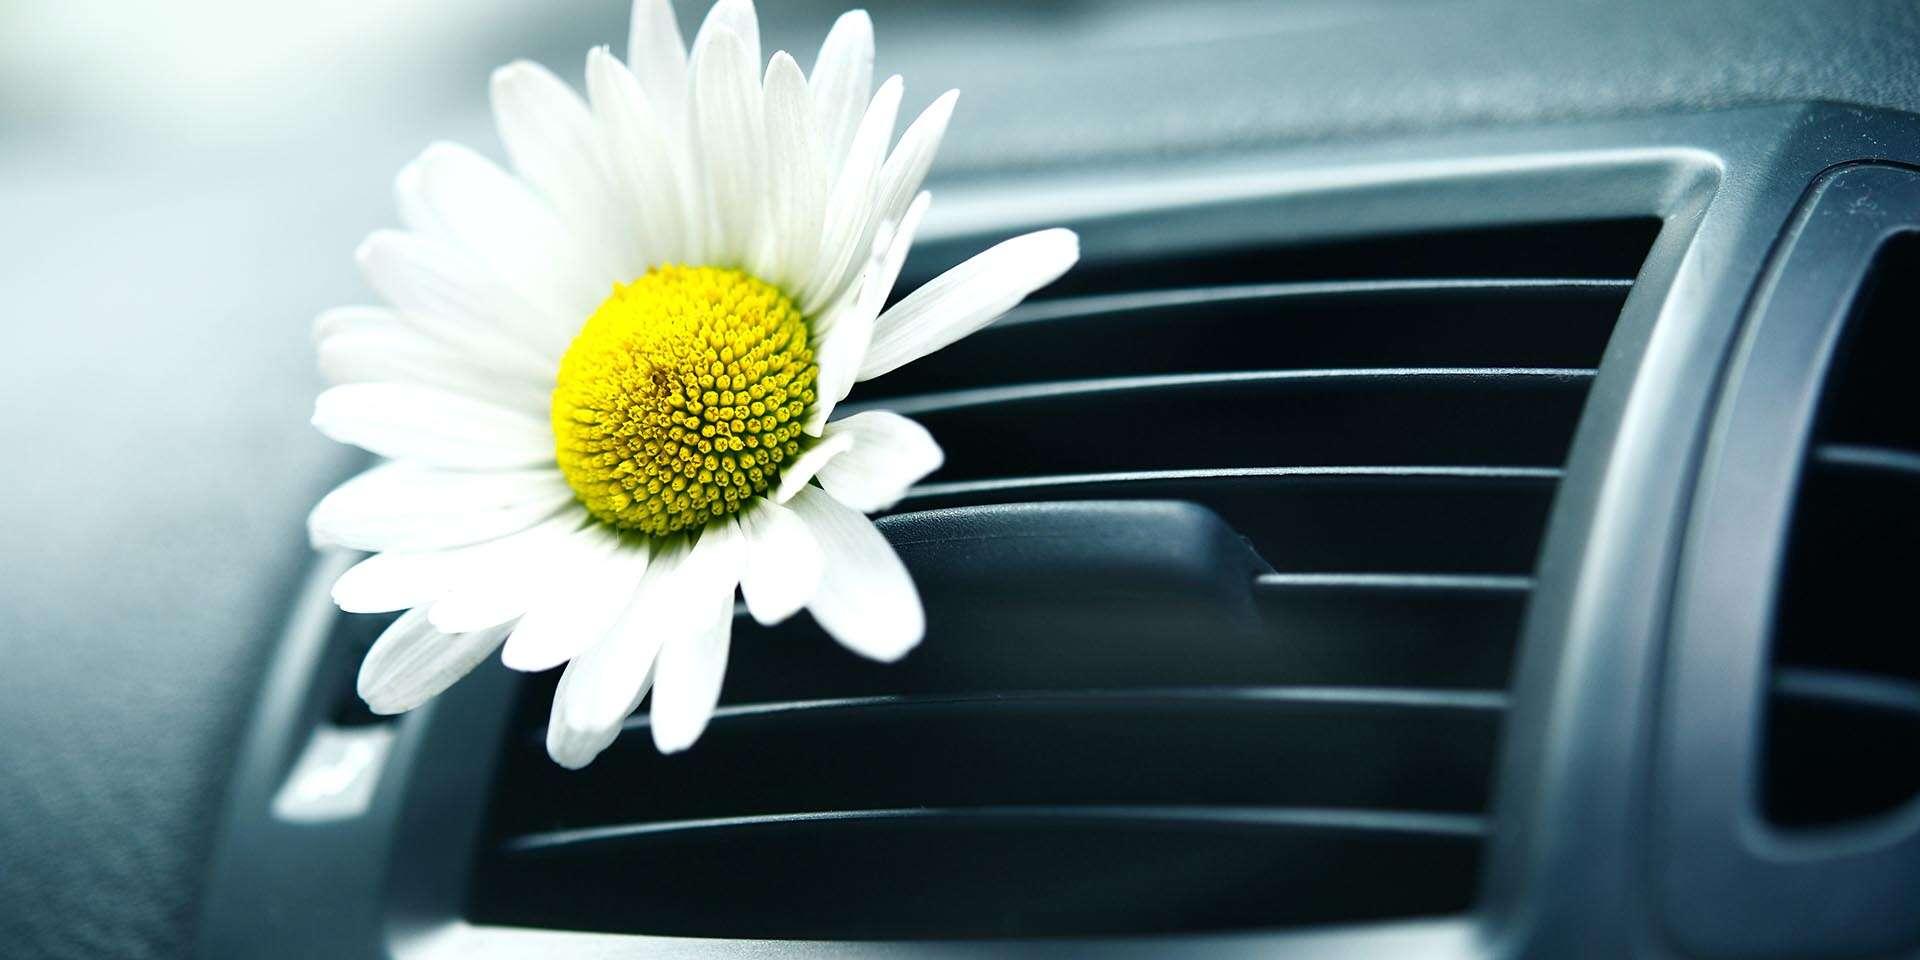 Čistenie interiéru ozónom alebo plnenie klimatizácie auta bez dop...